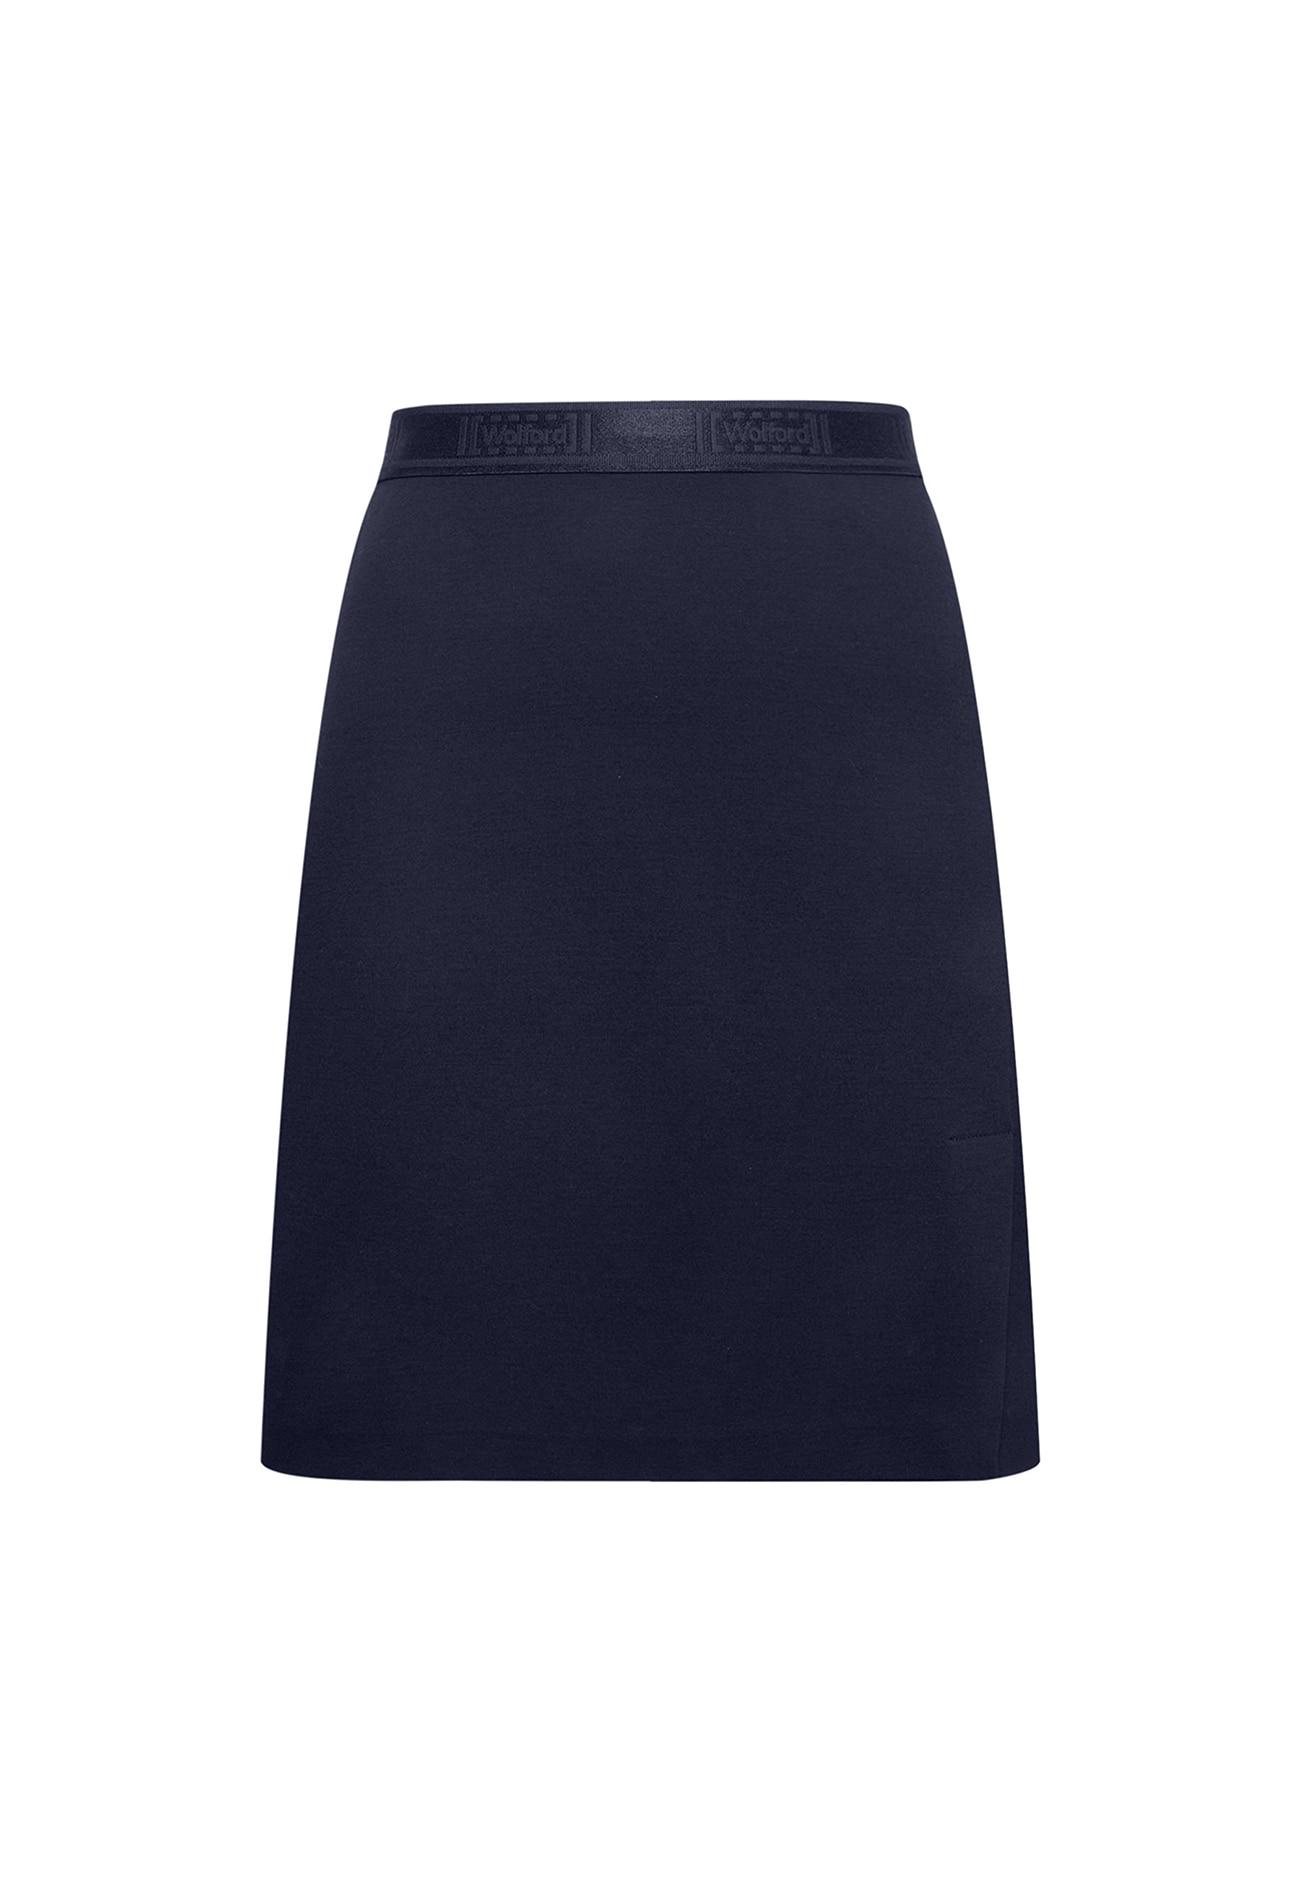 52828 Baily Skirt